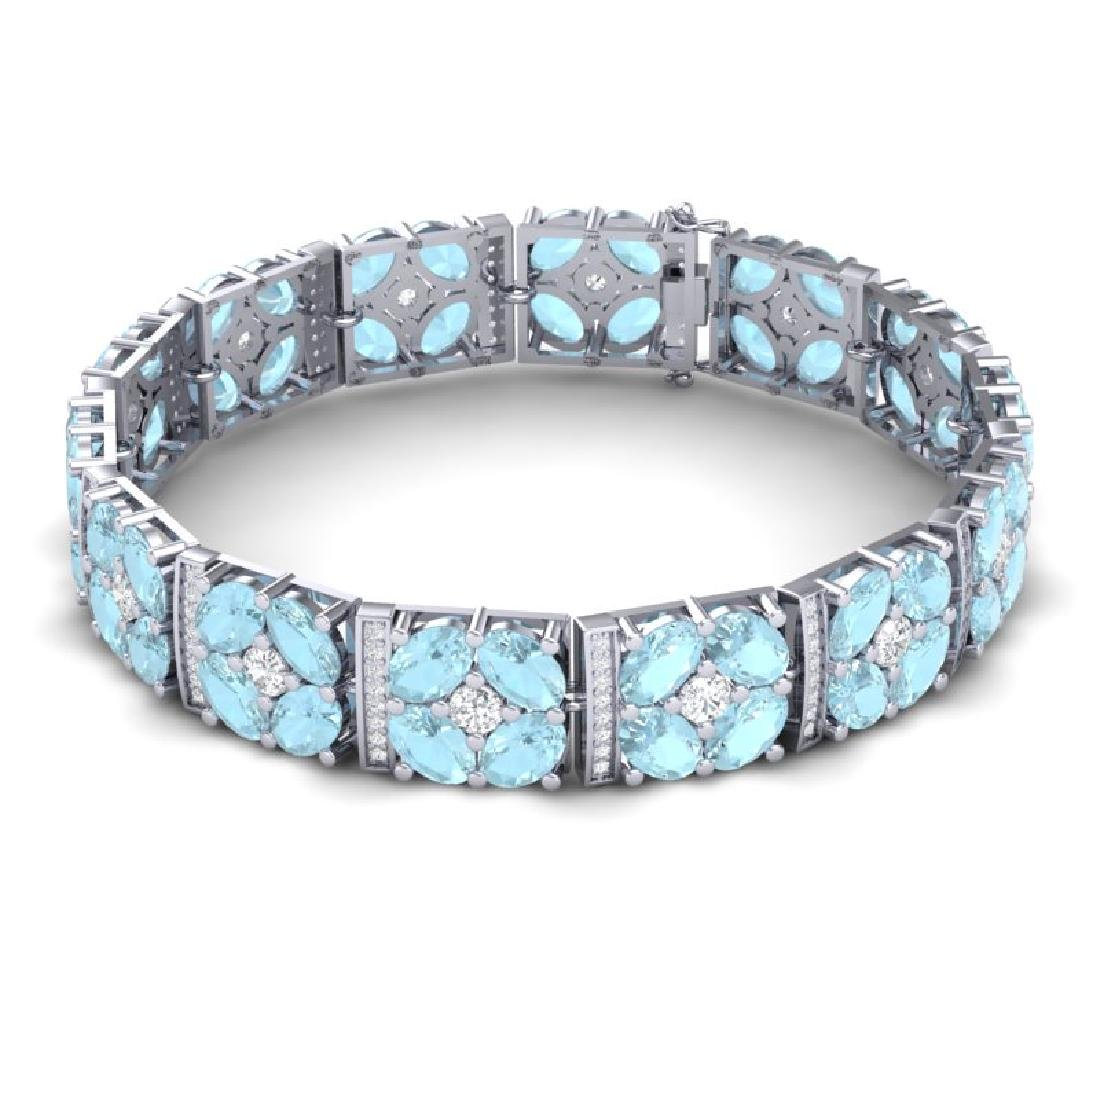 32.39 CTW Royalty Sky Topaz & VS Diamond Bracelet 18K - 3